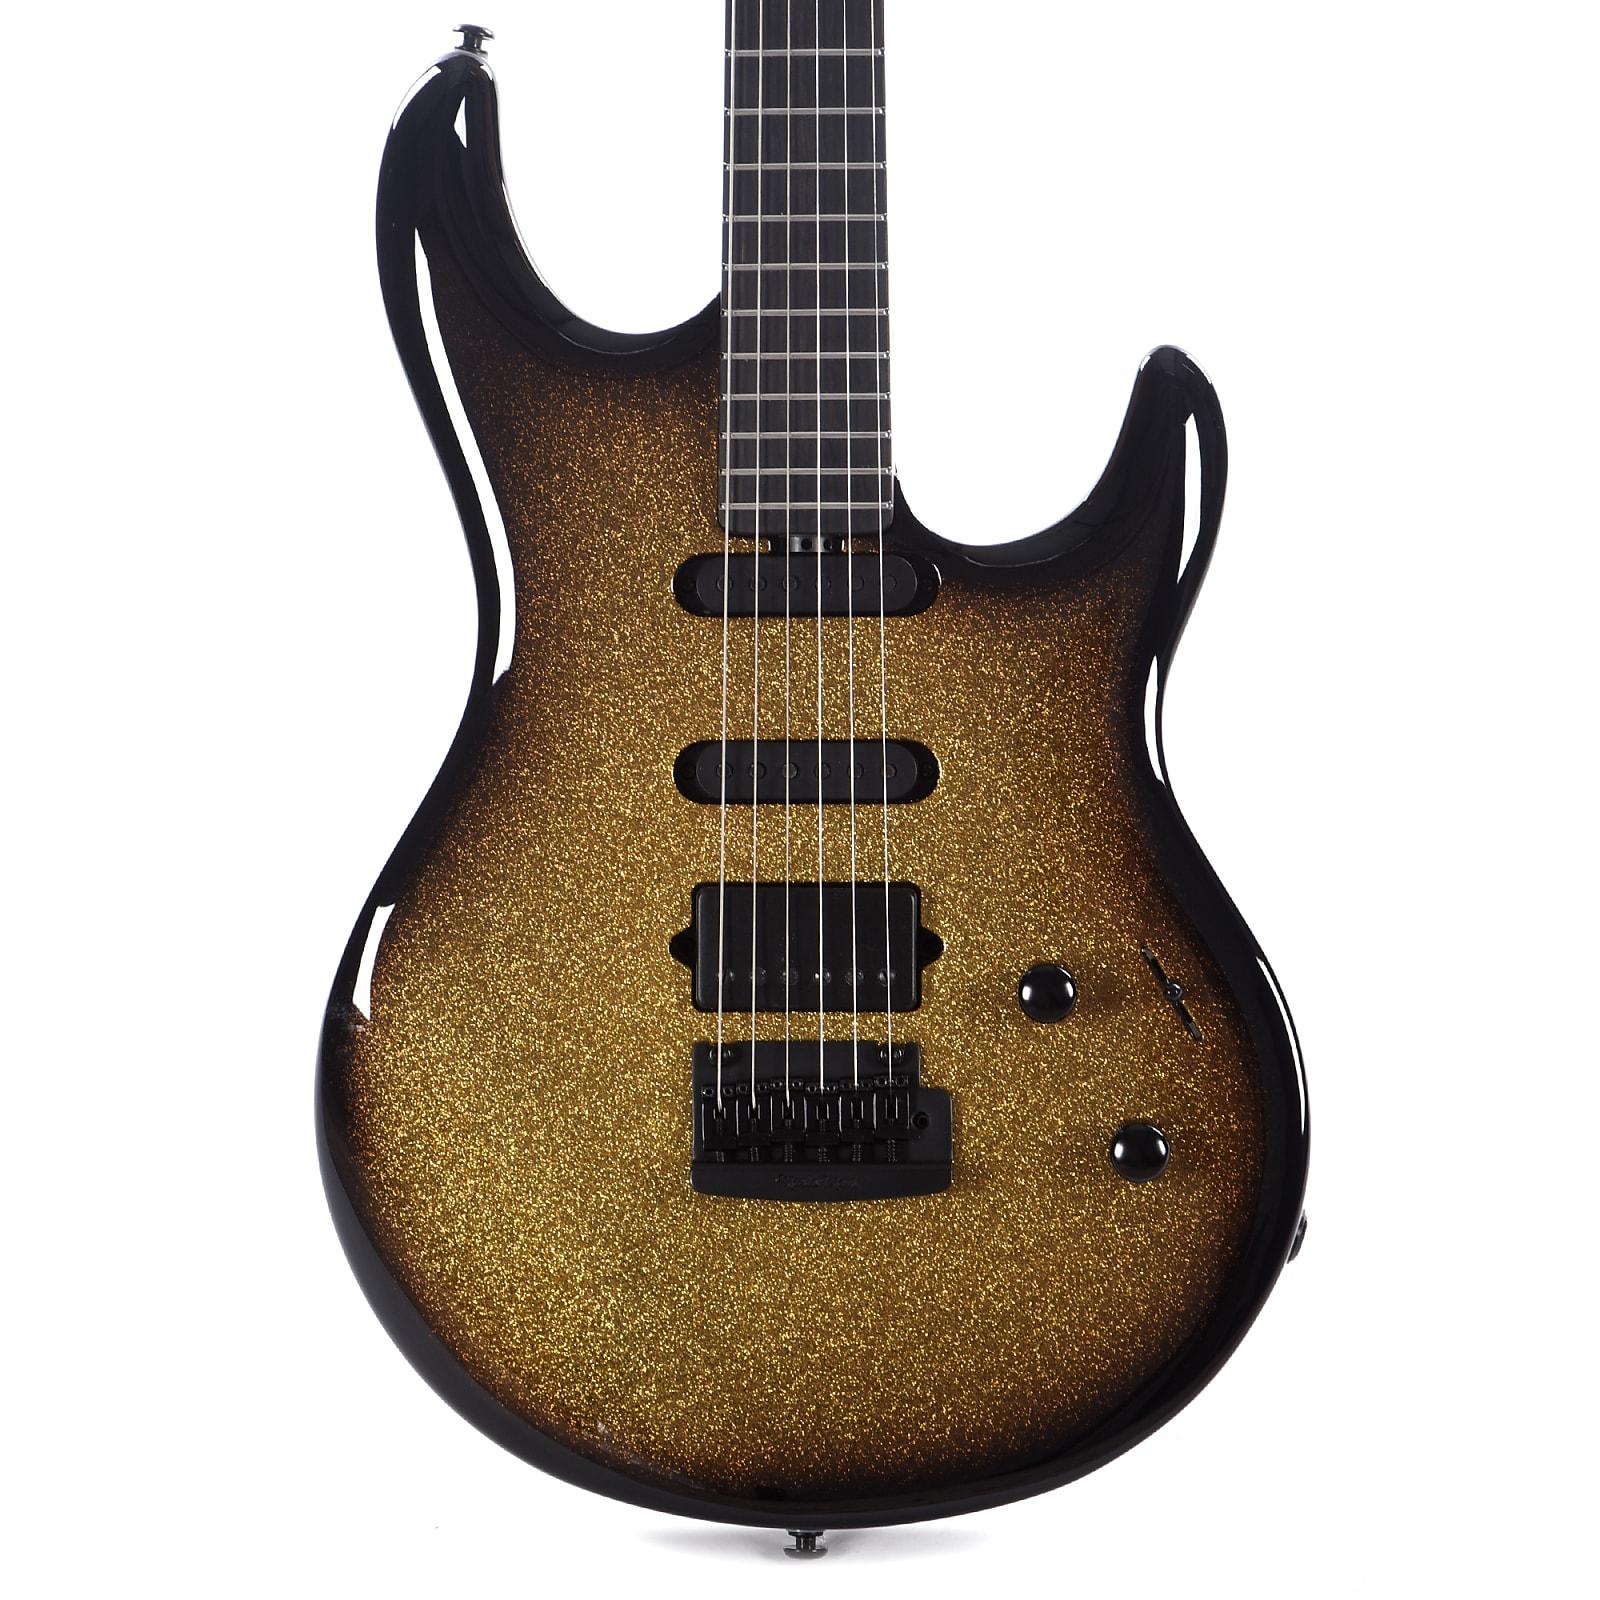 Music Man BFR Luke Shadow Gold Roasted Figured Maple Neck w/Ebony Fingerboard